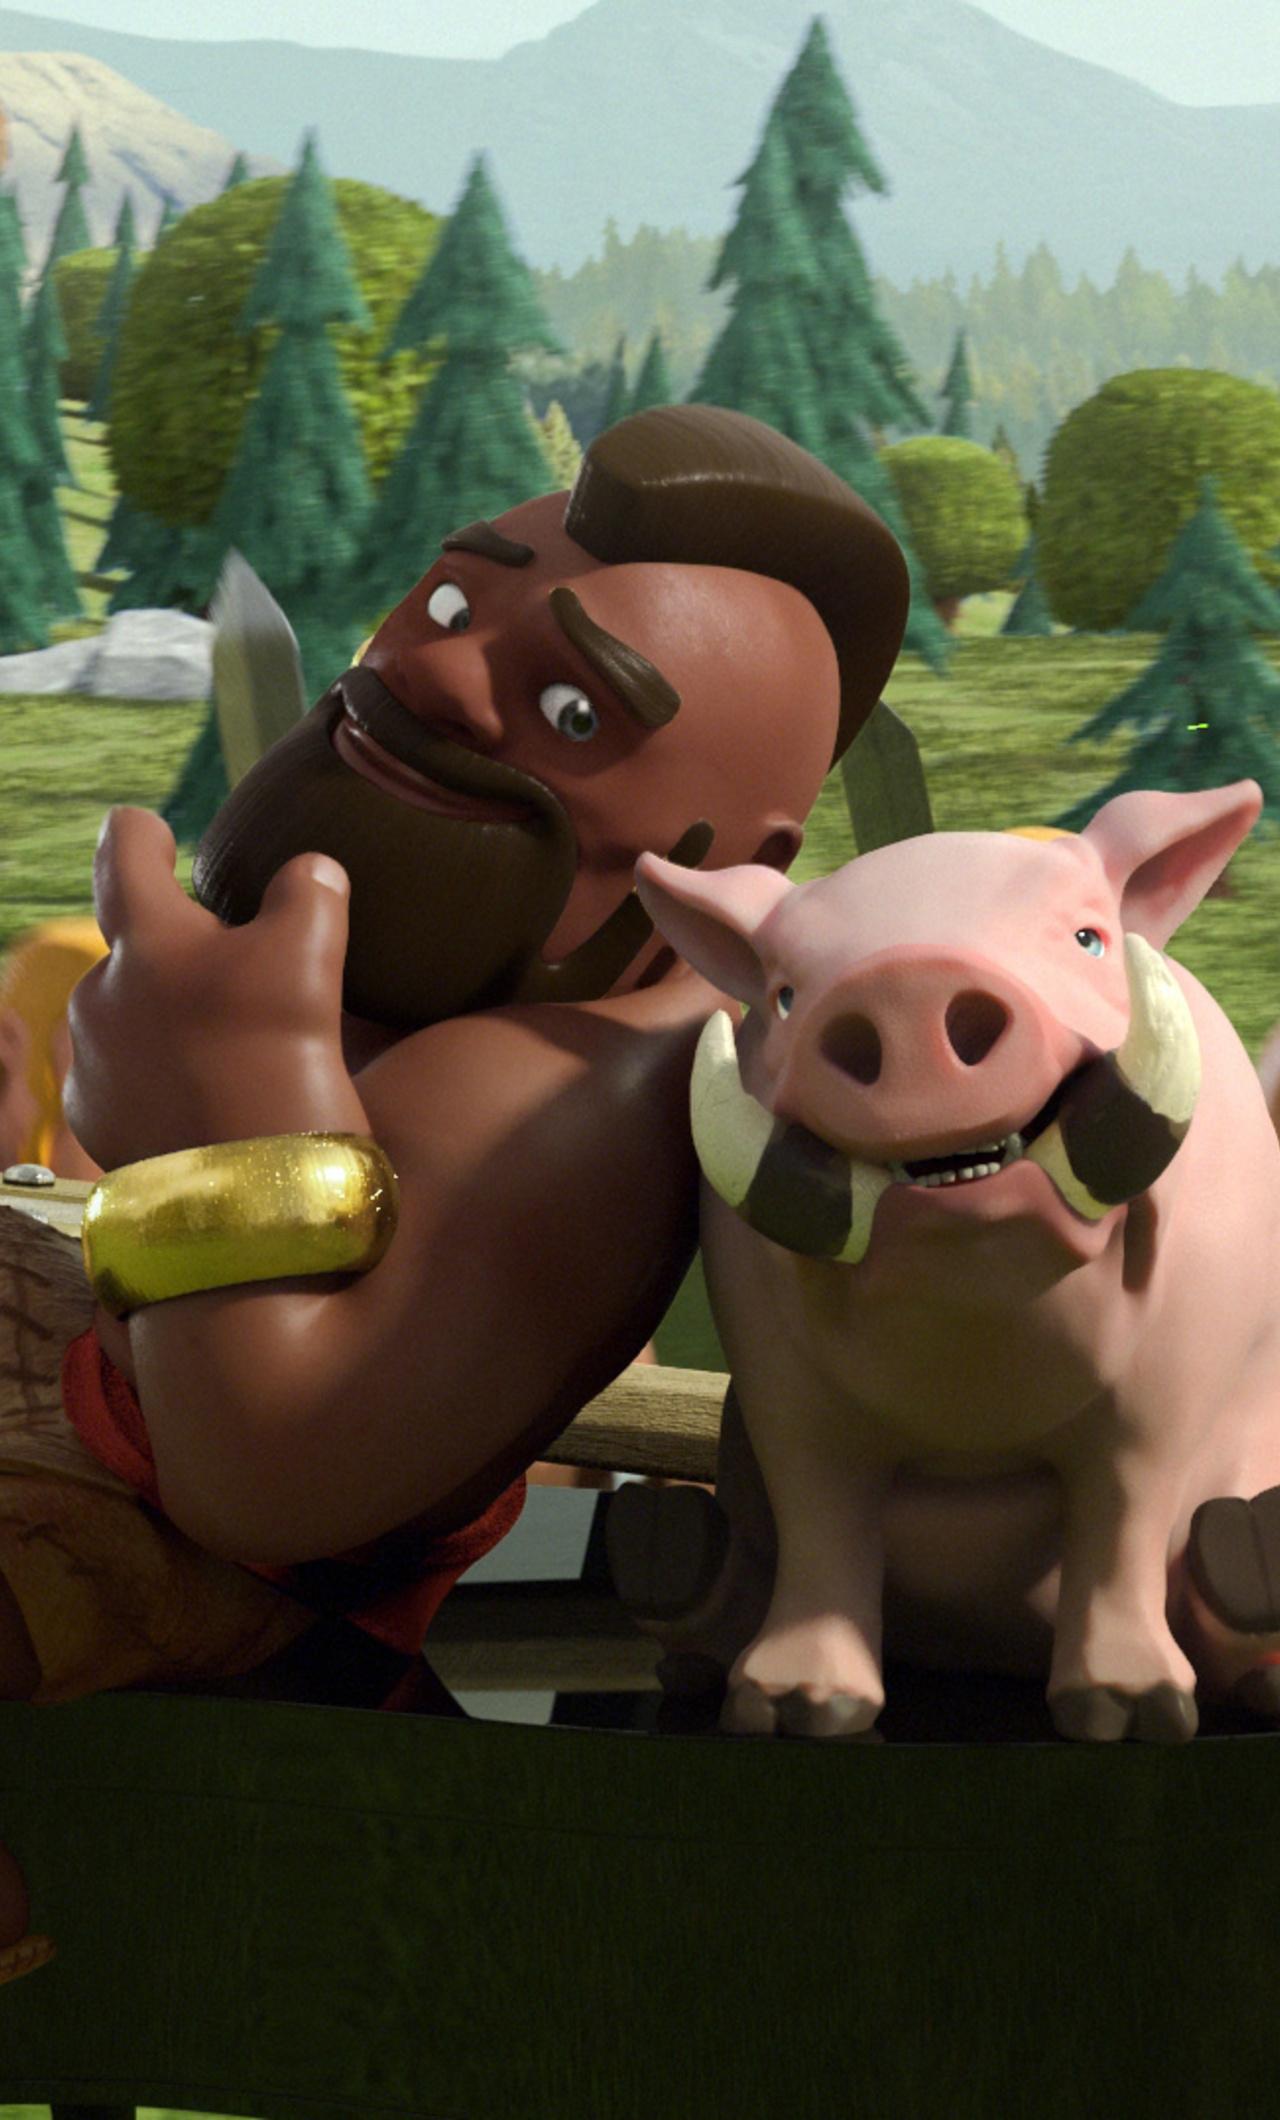 hog-rider-pig-clash-of-clans-ru.jpg